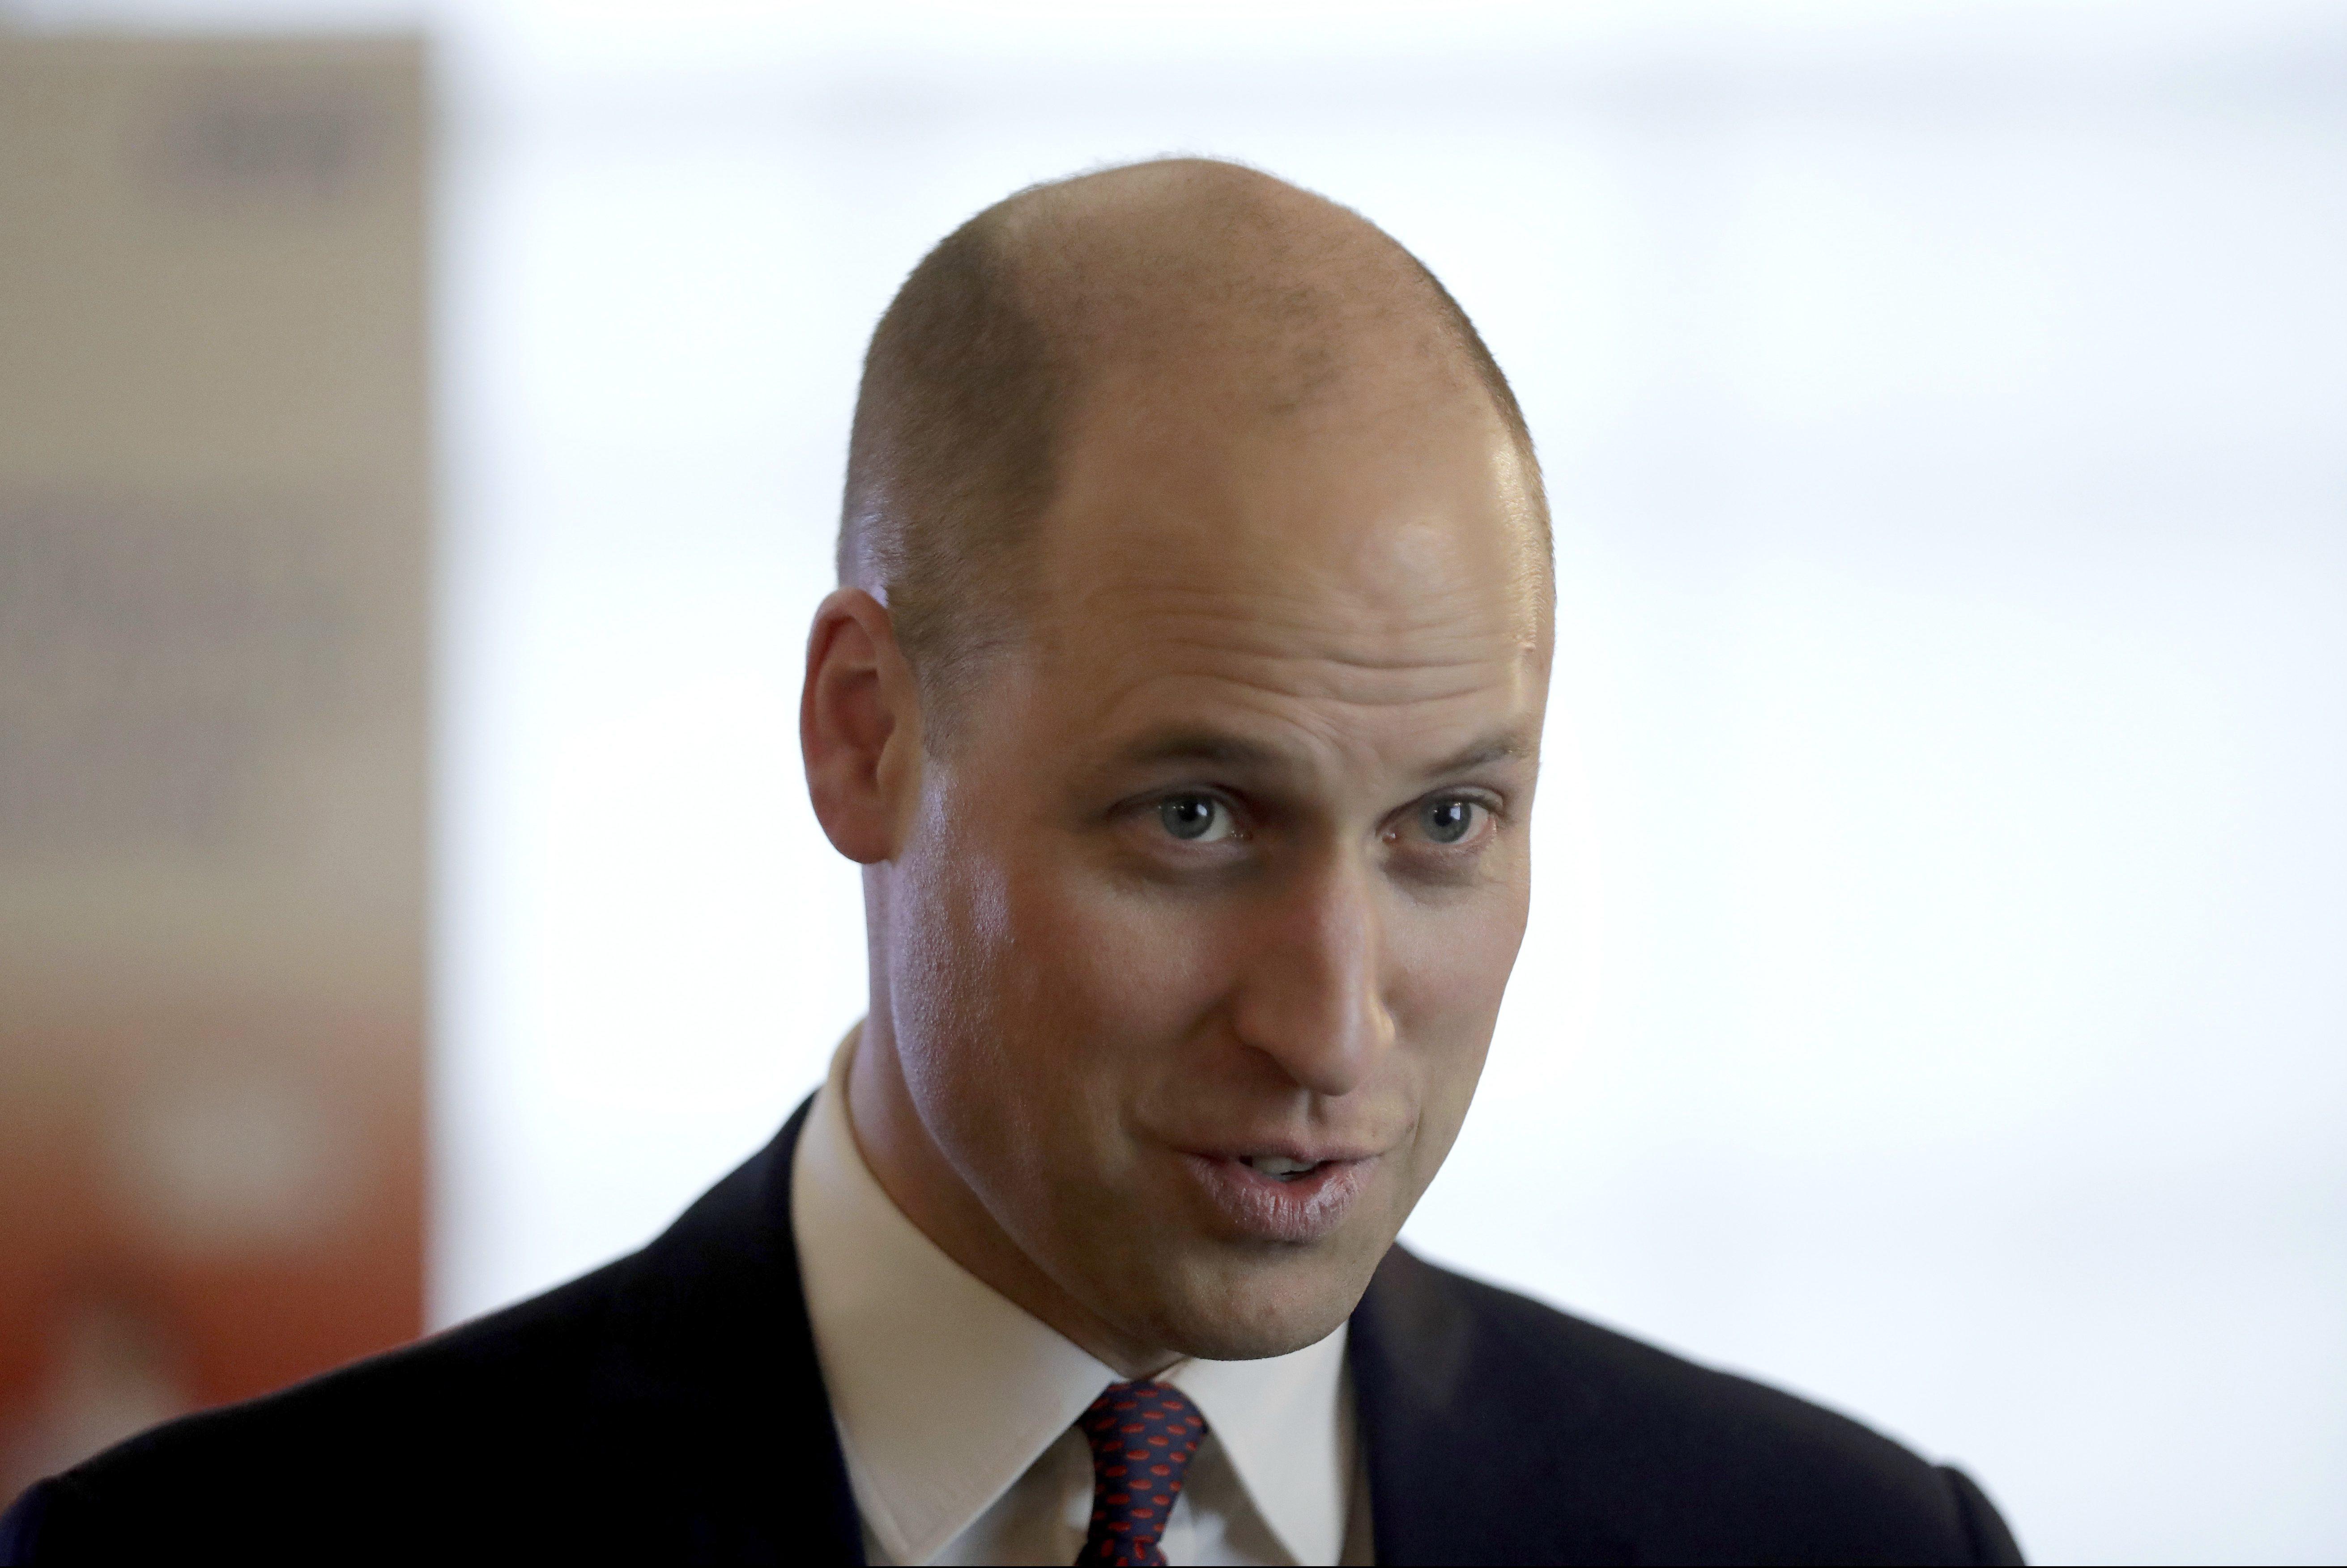 Принц Уильям стал навсе 100% лысым&nbsp